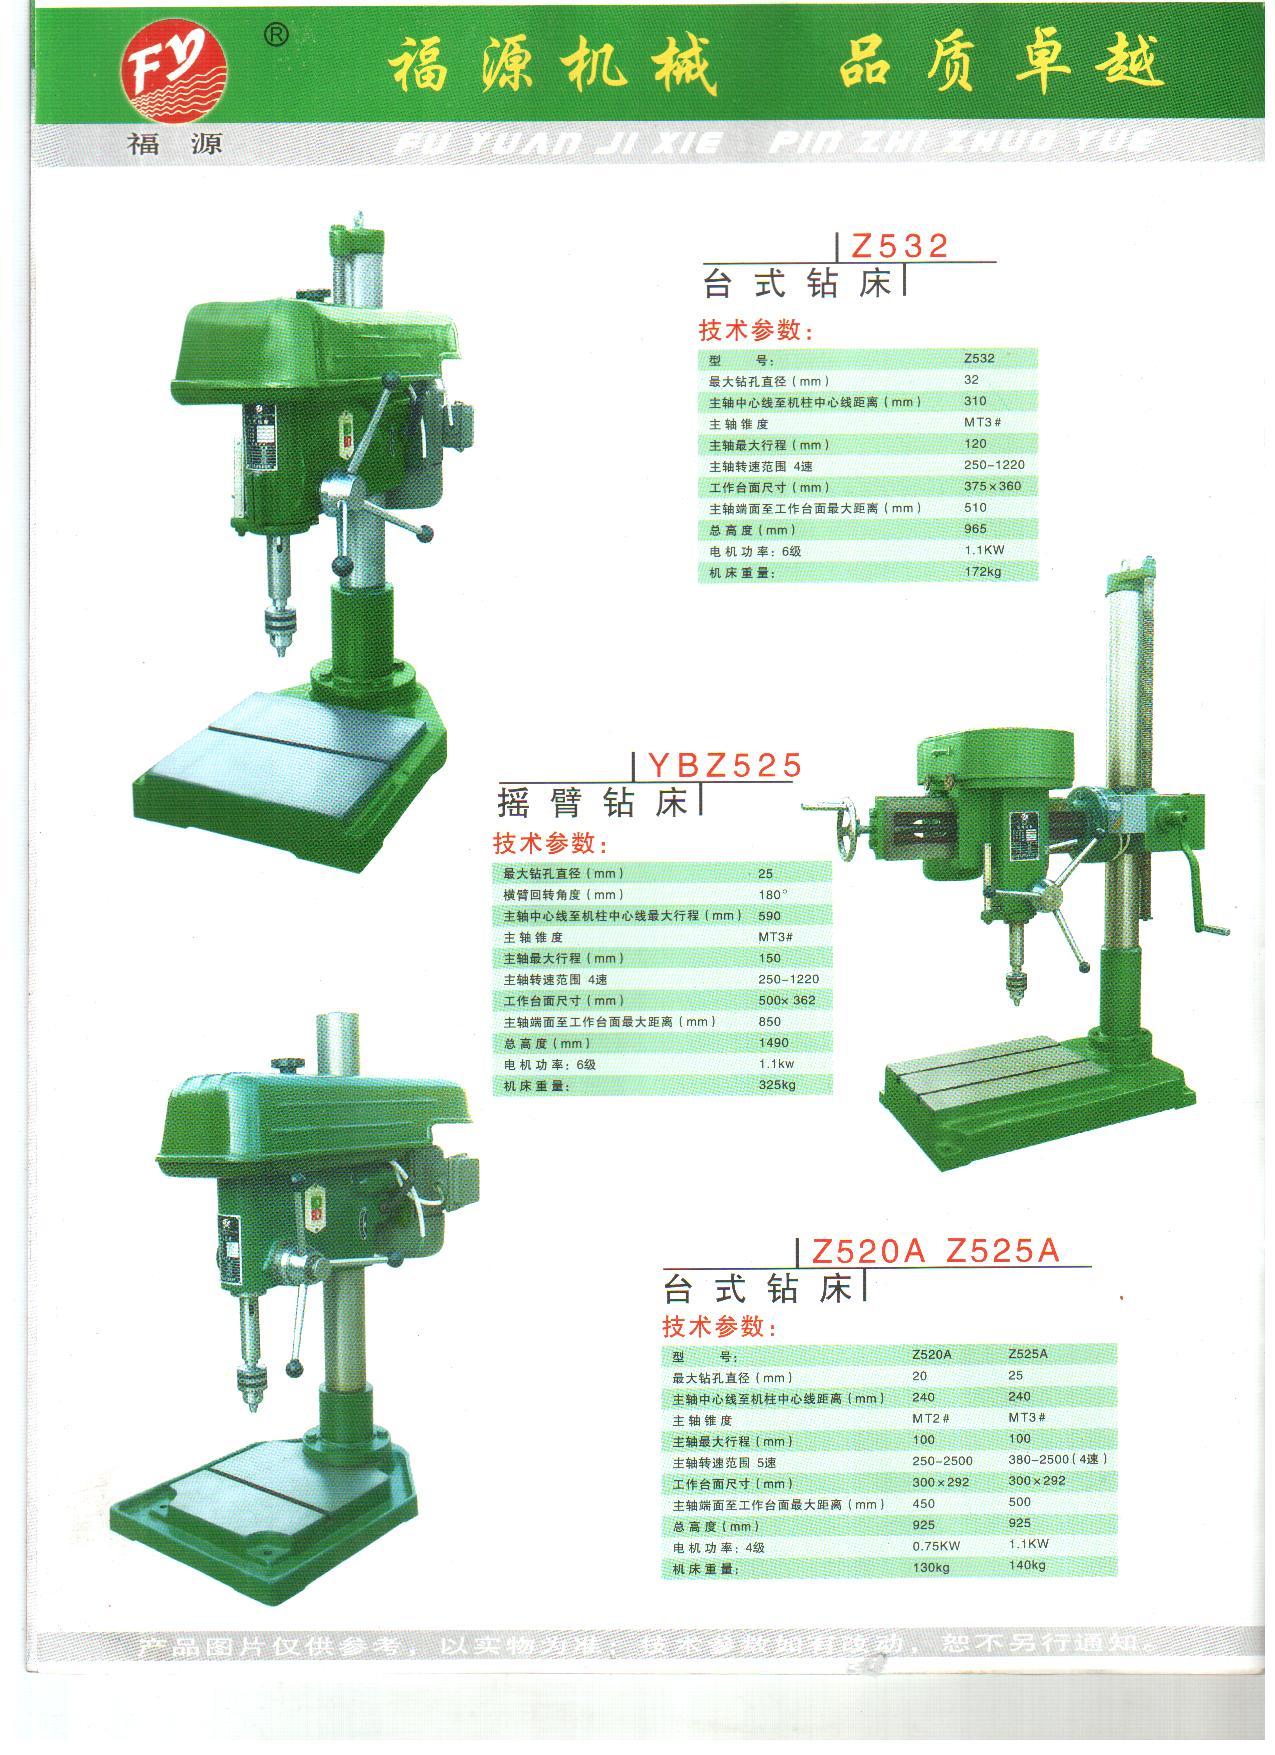 Z4120台钻】专业台钻生产厂家